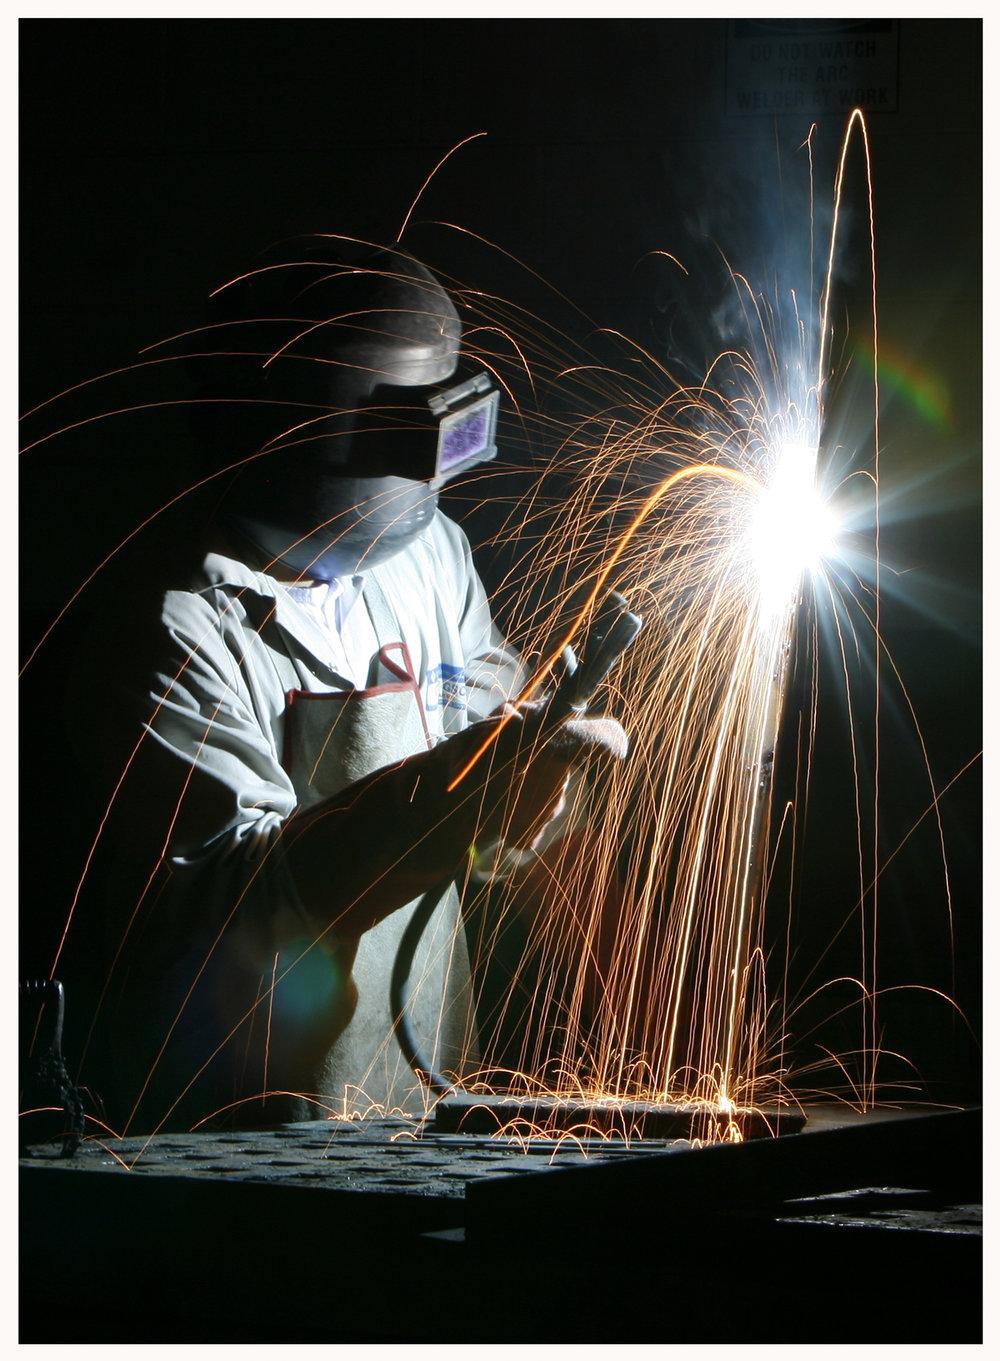 Welding, Metal, Industry, Structure